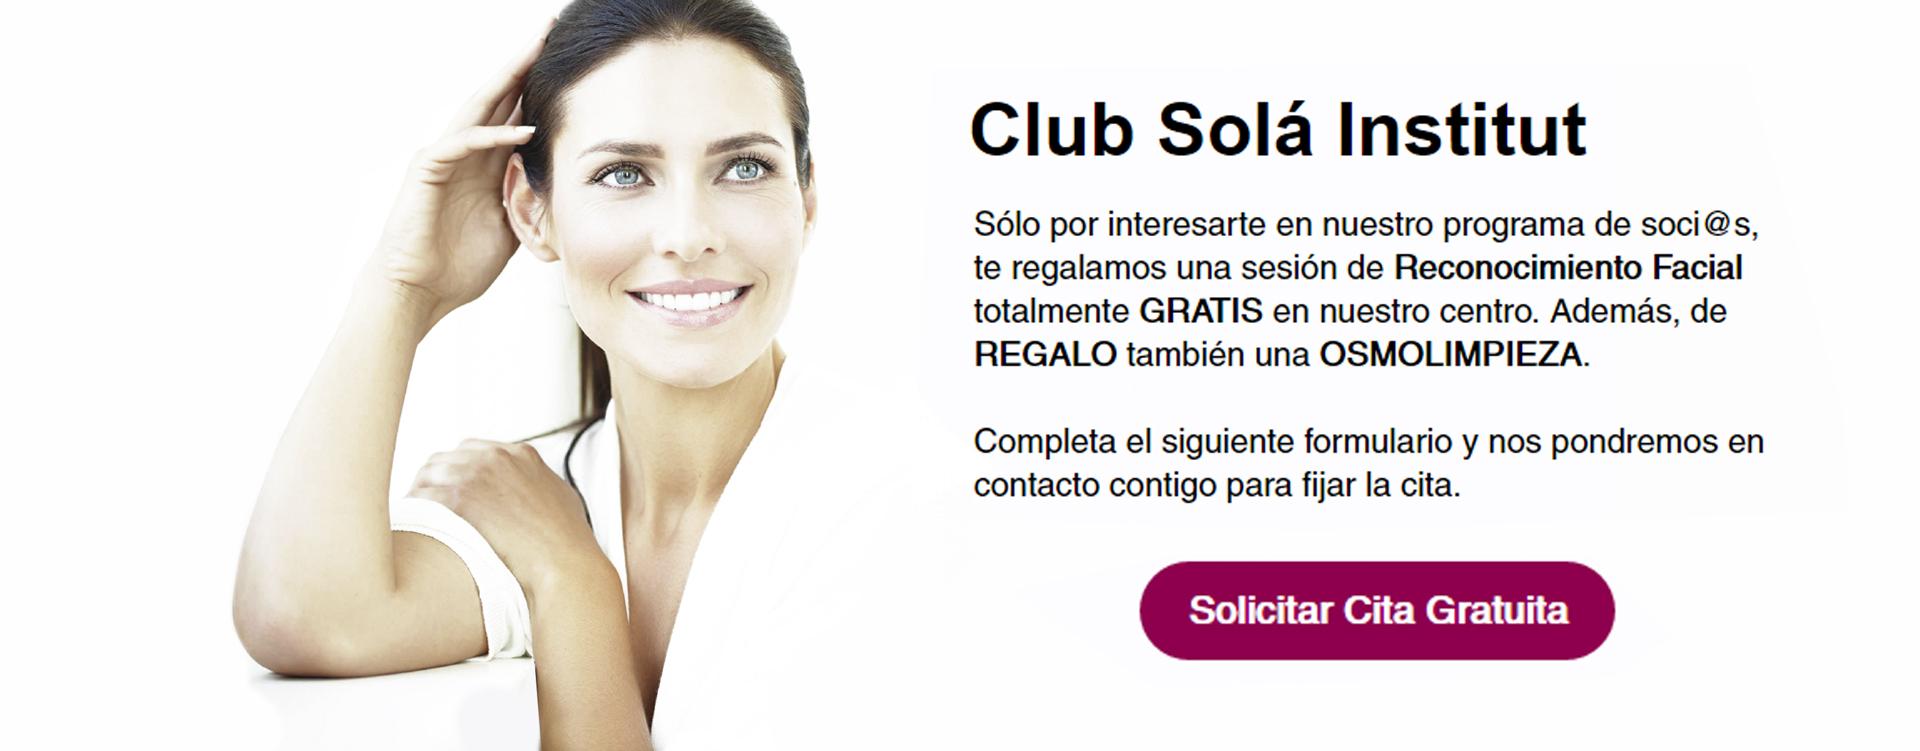 club_sola